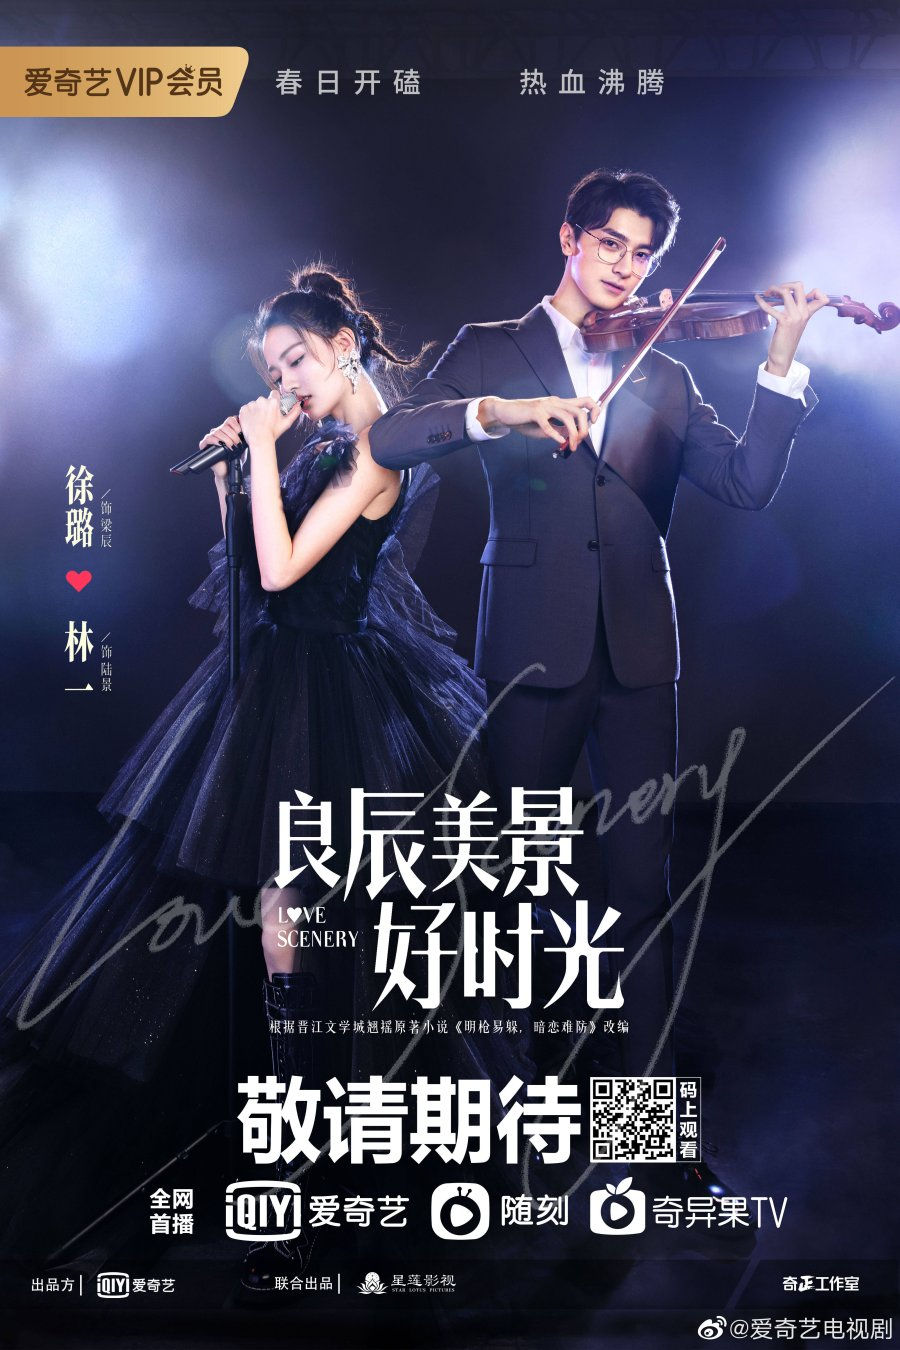 e52RW 4f - Пейзаж любви ✦ 2021 ✦ Китай